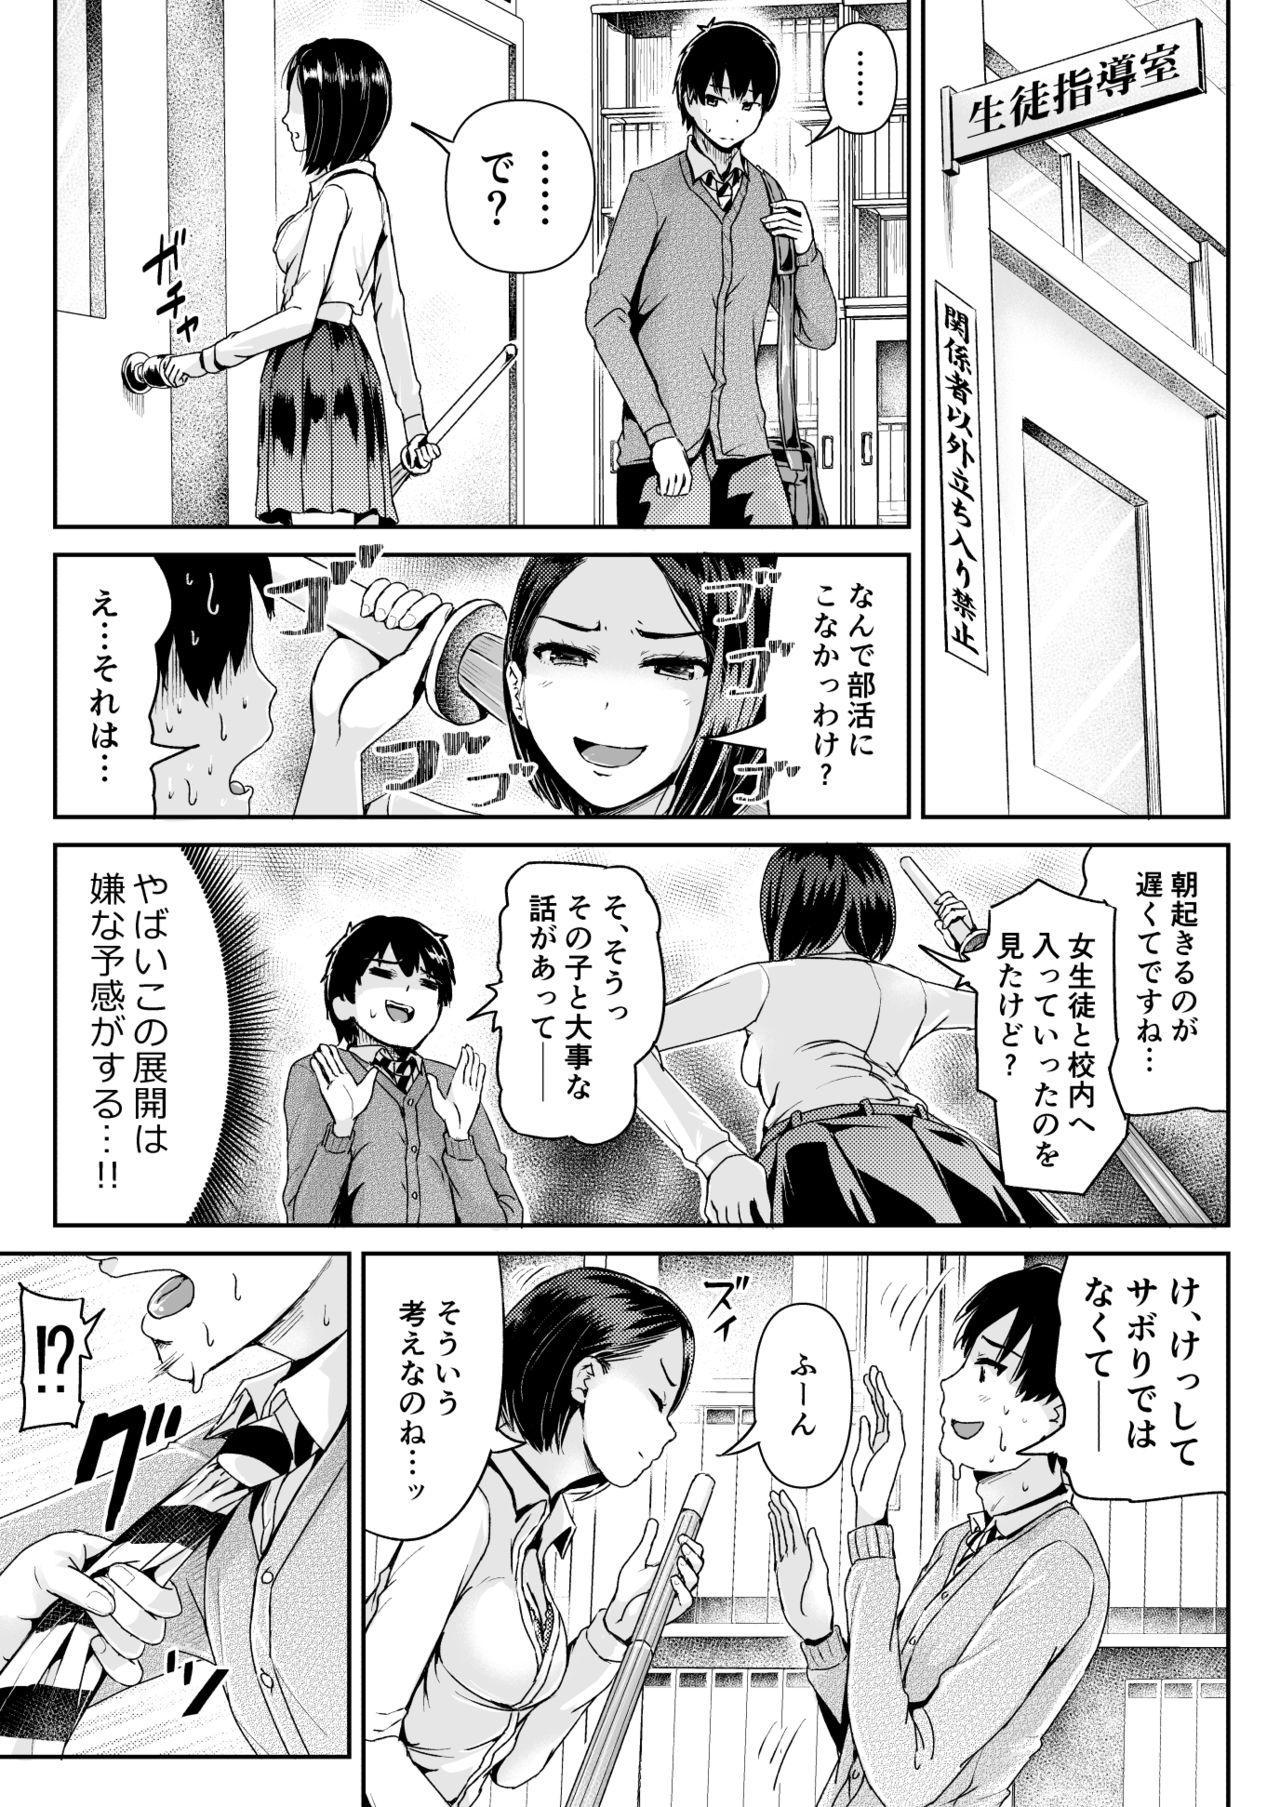 Doutei no Ore o Yuuwaku suru Ecchi na Joshi-tachi!? 8 13